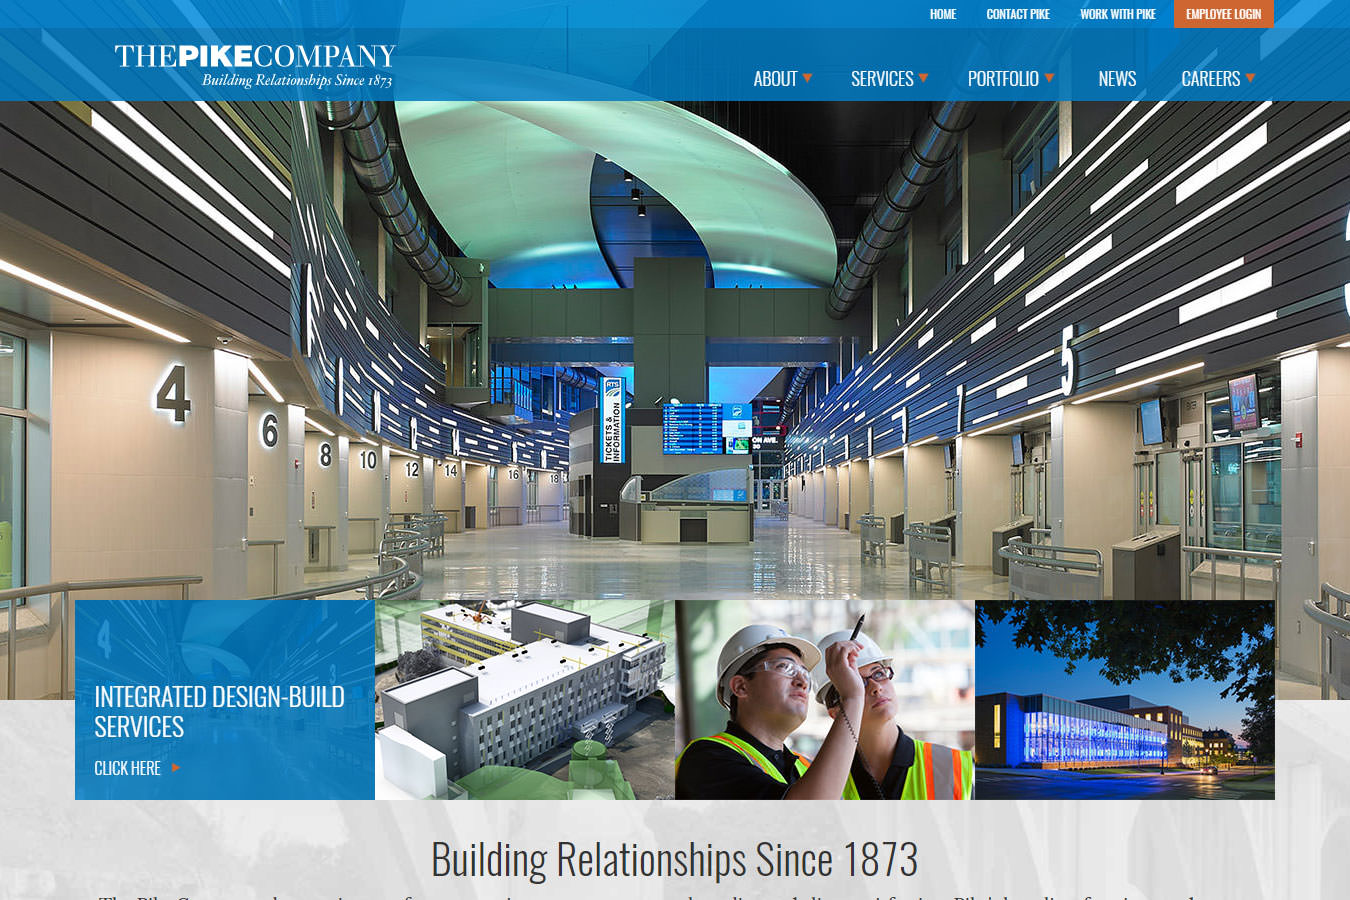 Pike Company website homepage